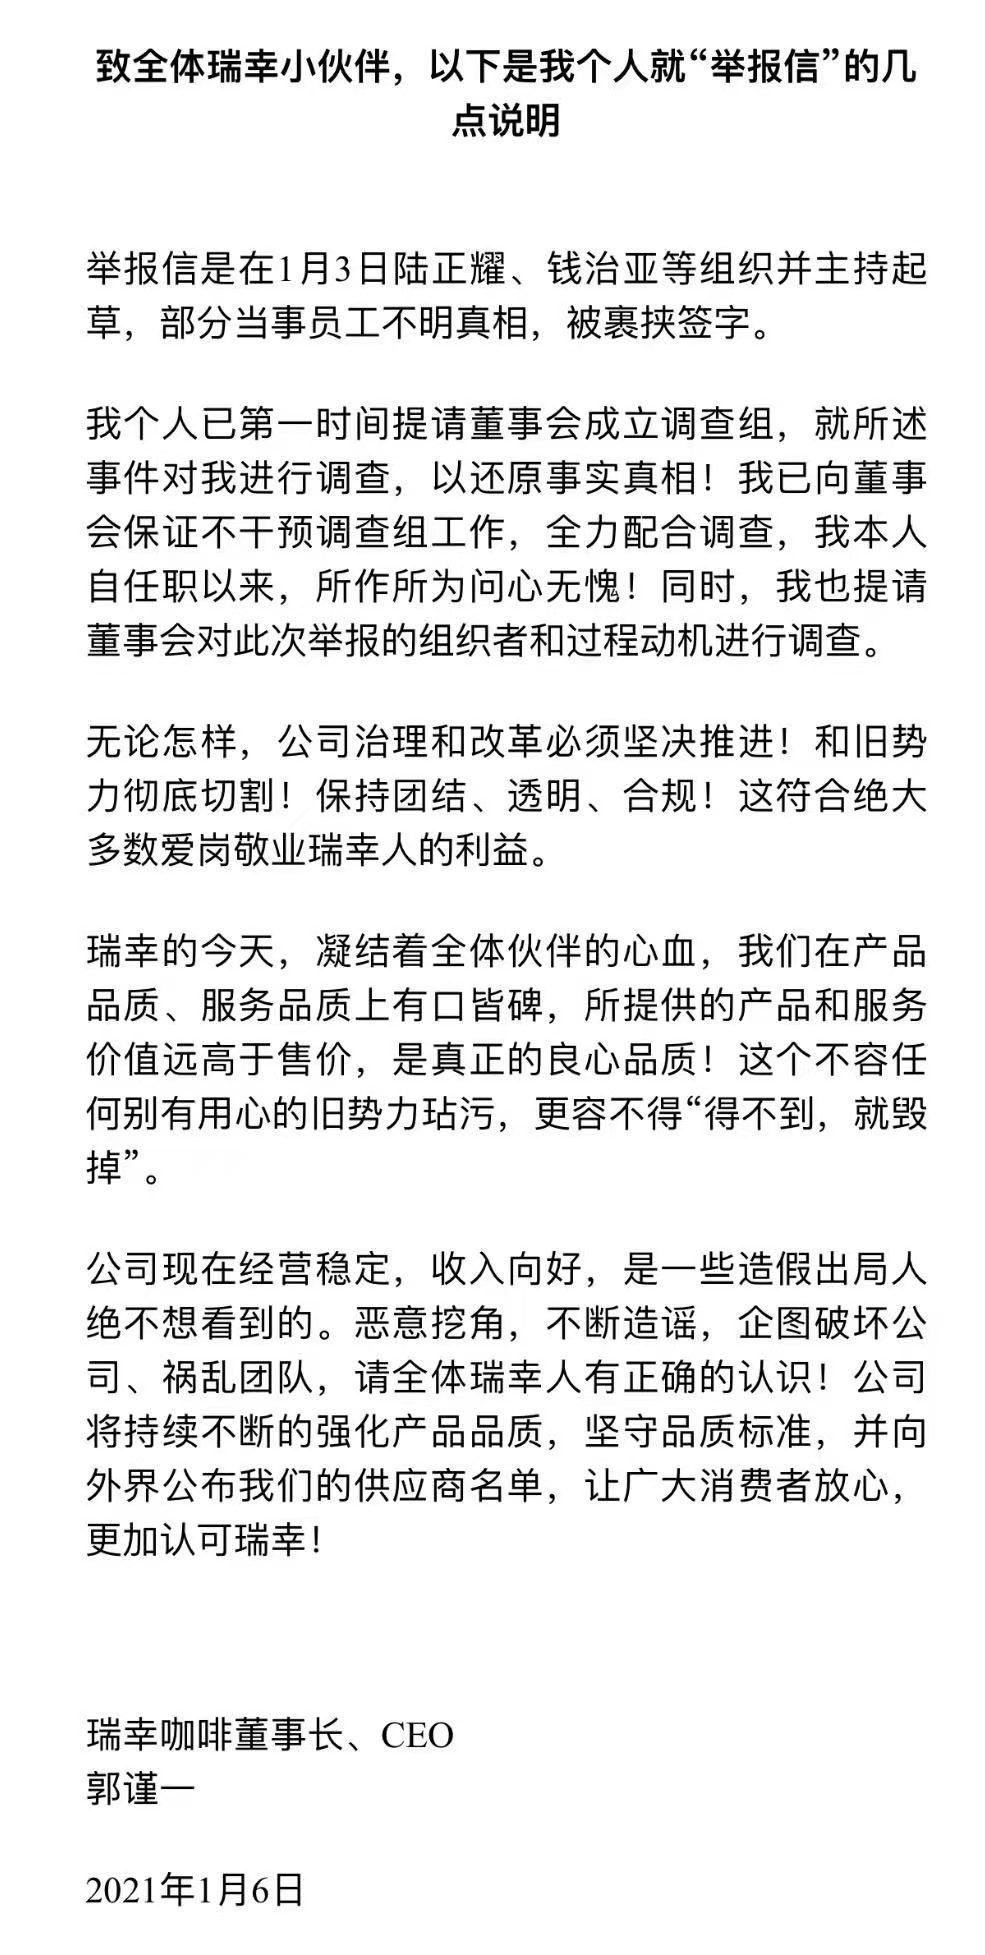 陆正耀组织旧部欲罢免现任董事长郭谨一 瑞幸新老团队正式开撕